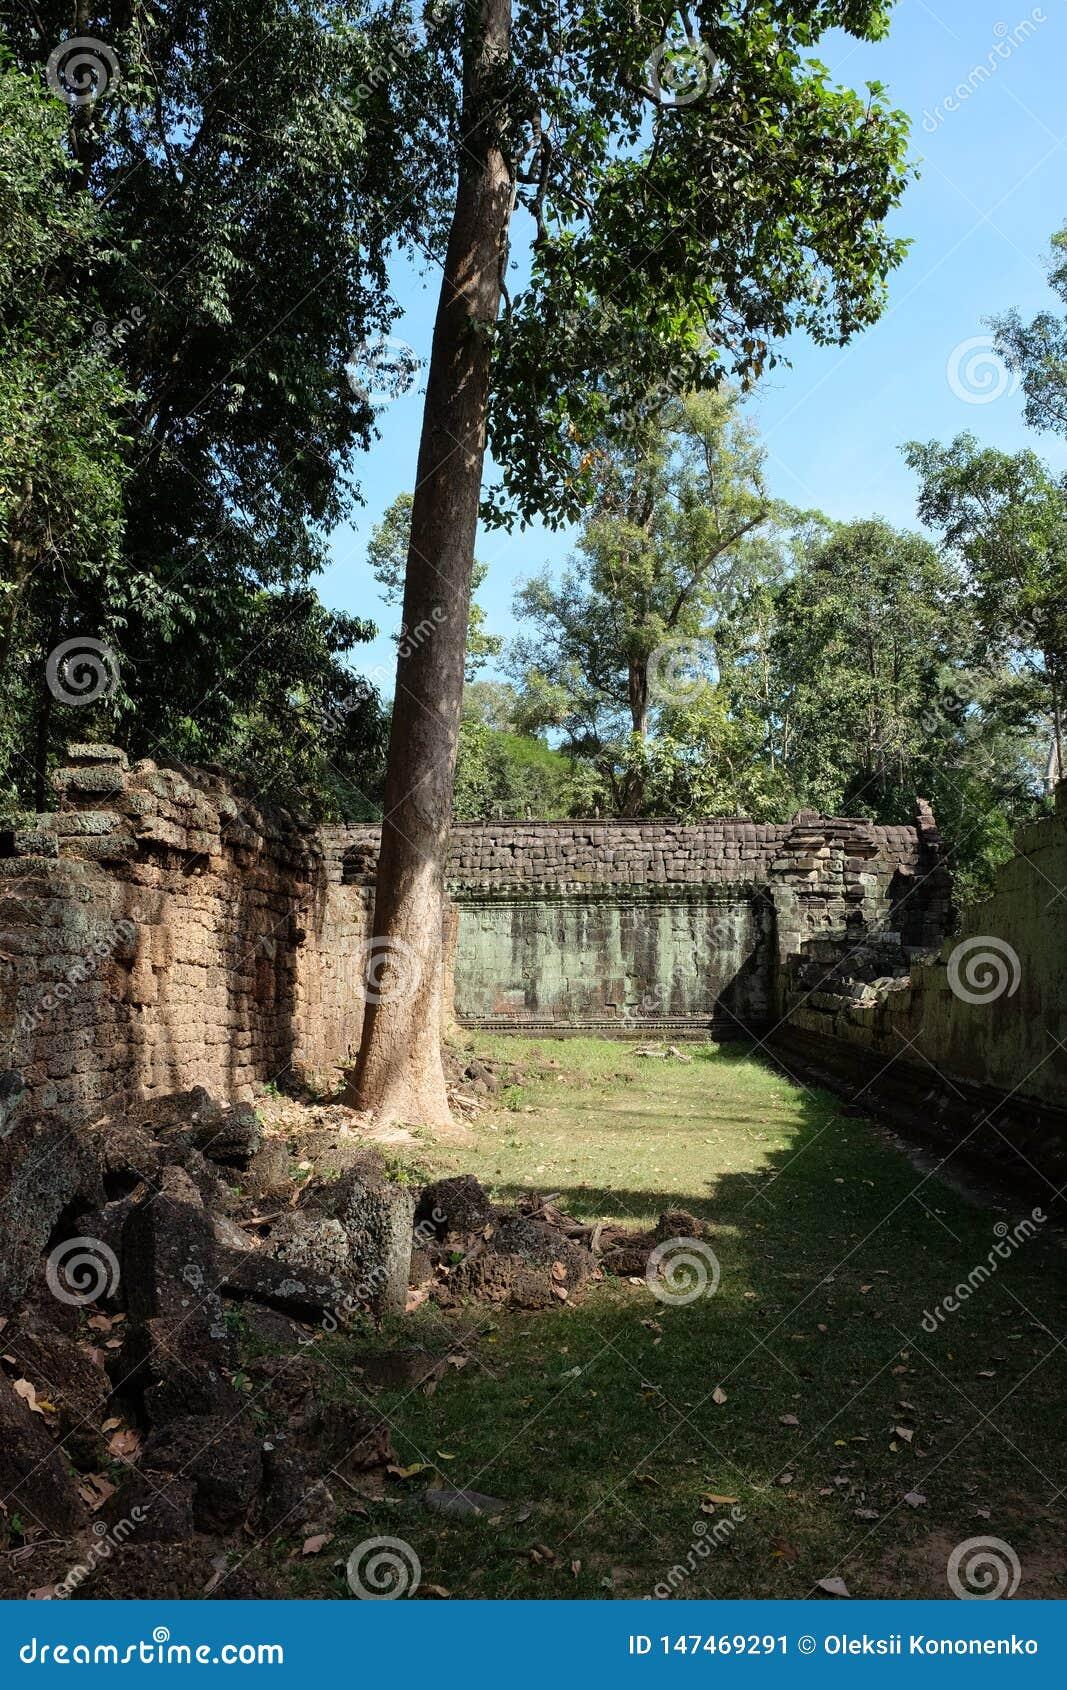 El patio del complejo dilapidado del templo en Indochina Ruinas antiguas en el bosque